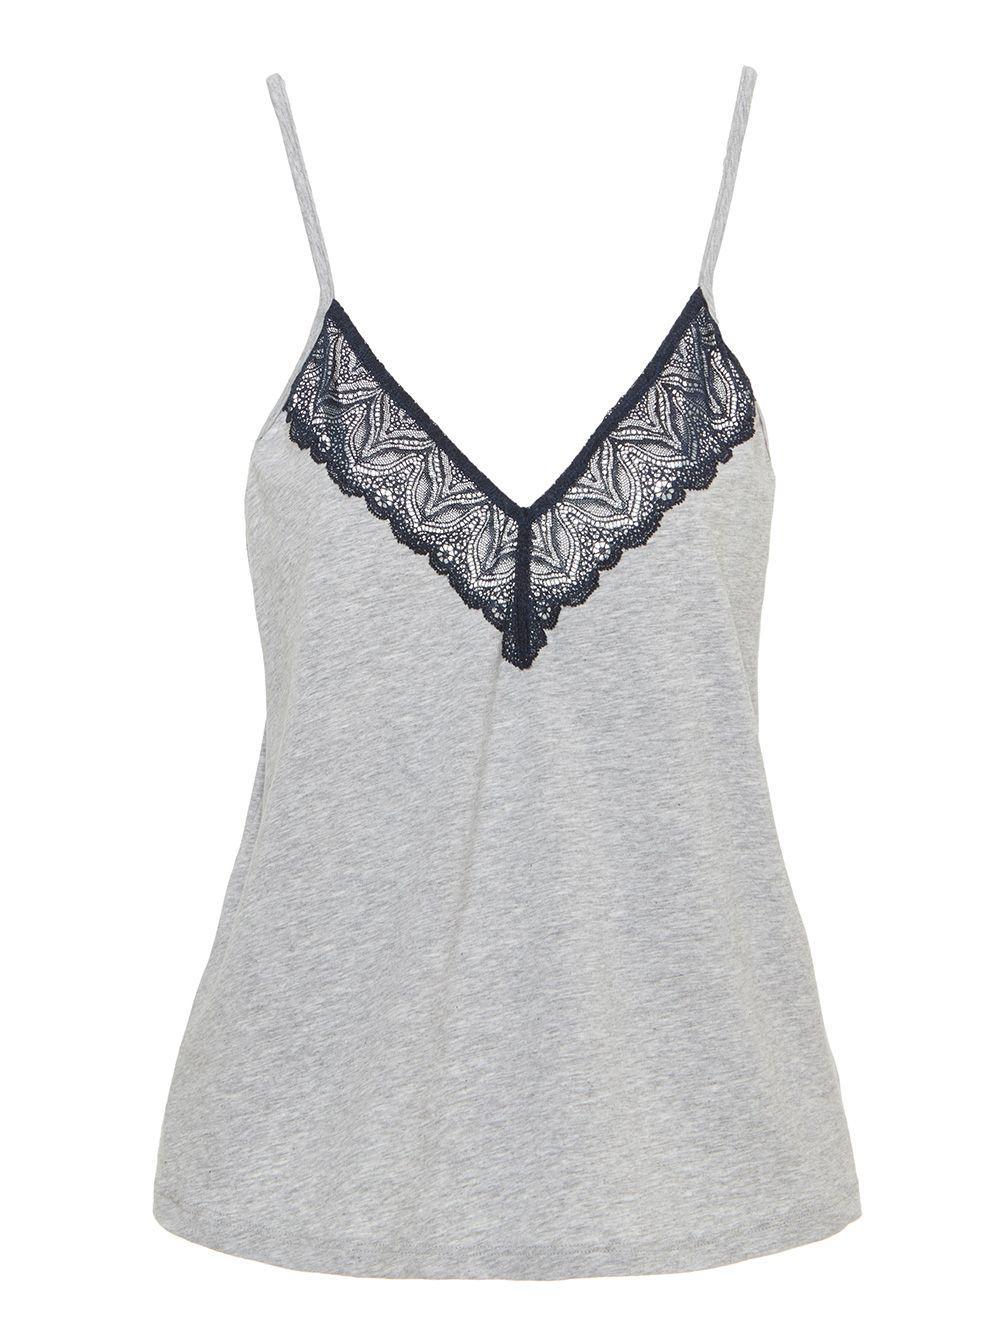 1f340af2feb33 Lyst - Cosabella Ferrara Sleepwear Camisole in Gray